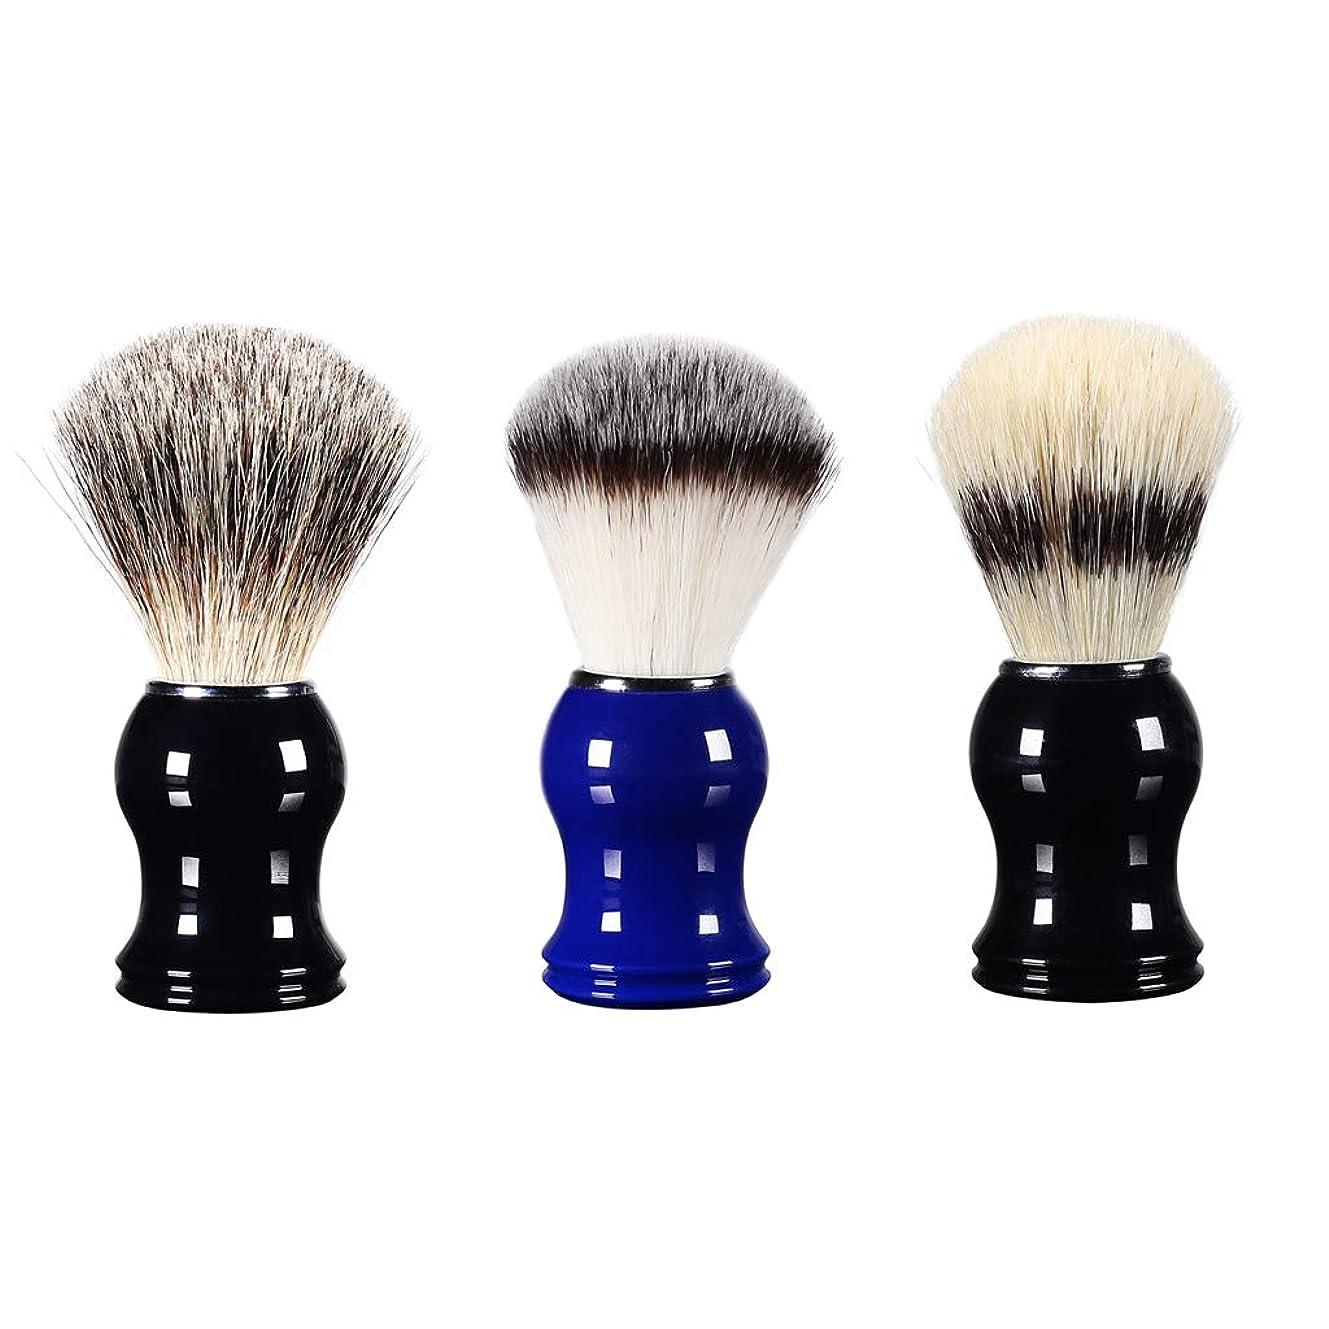 とにかく並外れた相談するsharprepublic メンズ用 髭剃り シェービングブラシ 樹脂ハ ンドル 理容 洗顔 髭剃り 男性 ギフト 3個入